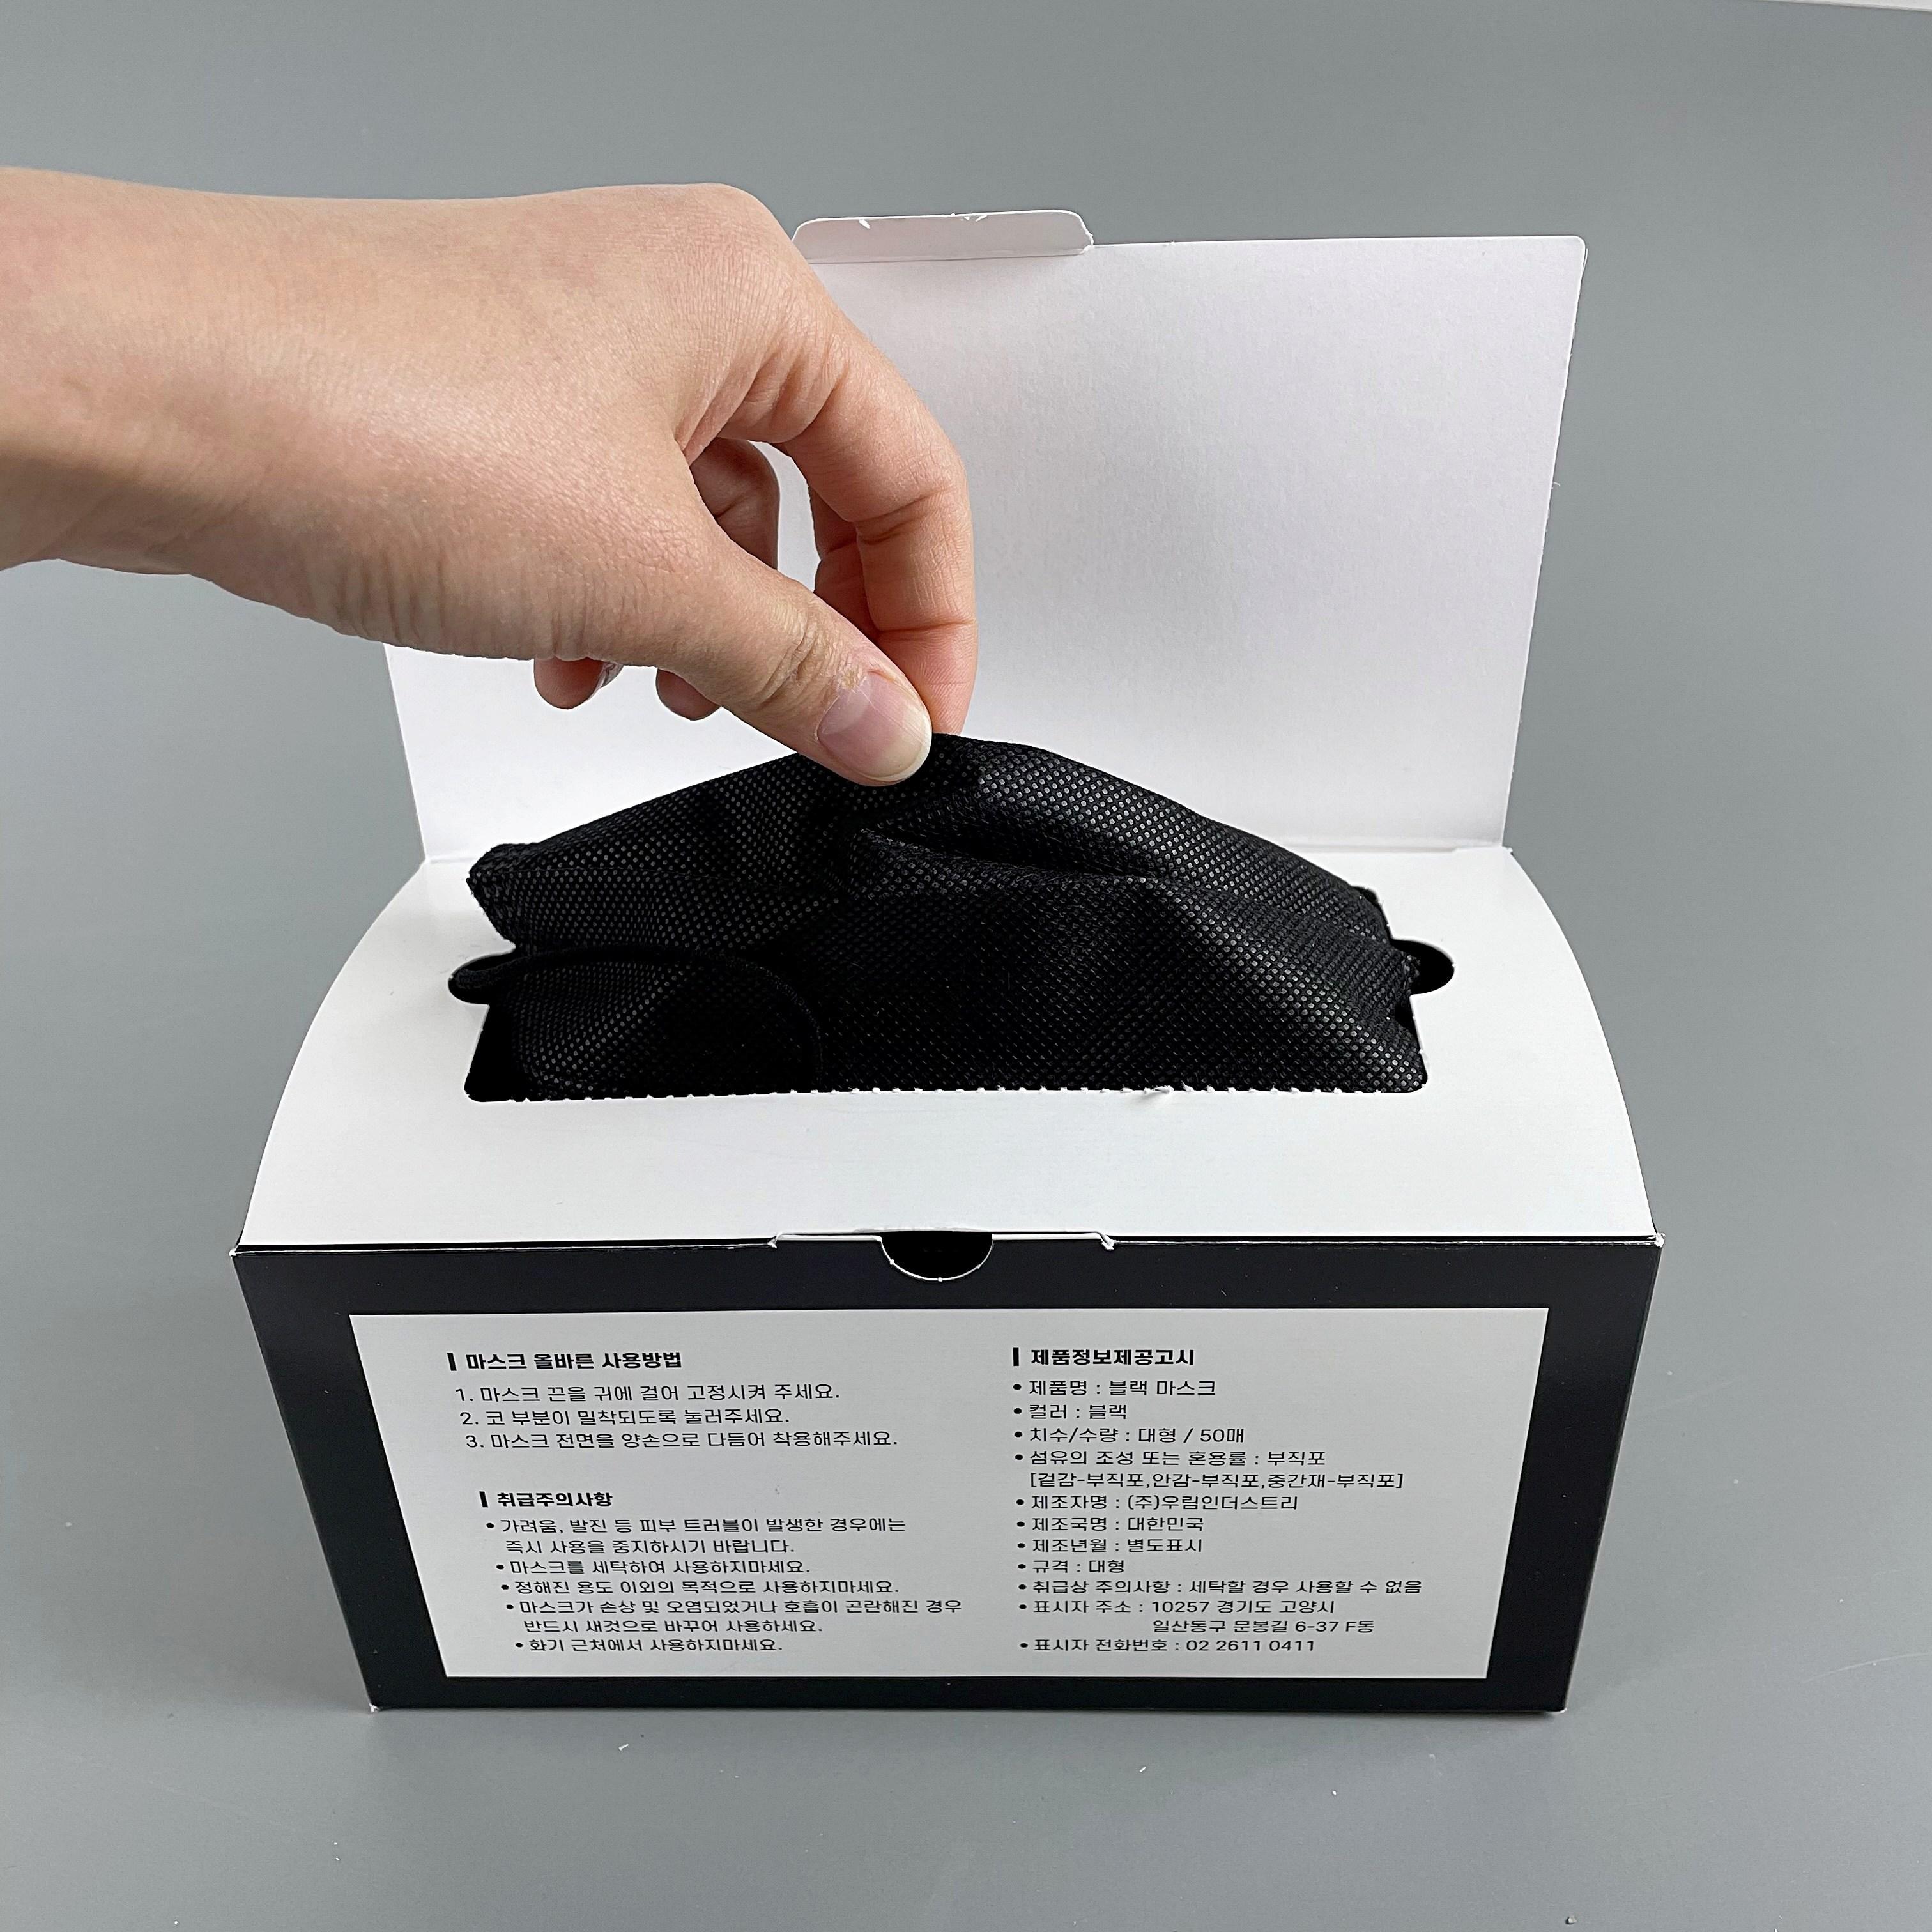 헬시플랜 뽑아쓰는 국산 블랙 마스크 국내산 검정 검은 색 덴탈 일회용 국내생산, 1박스